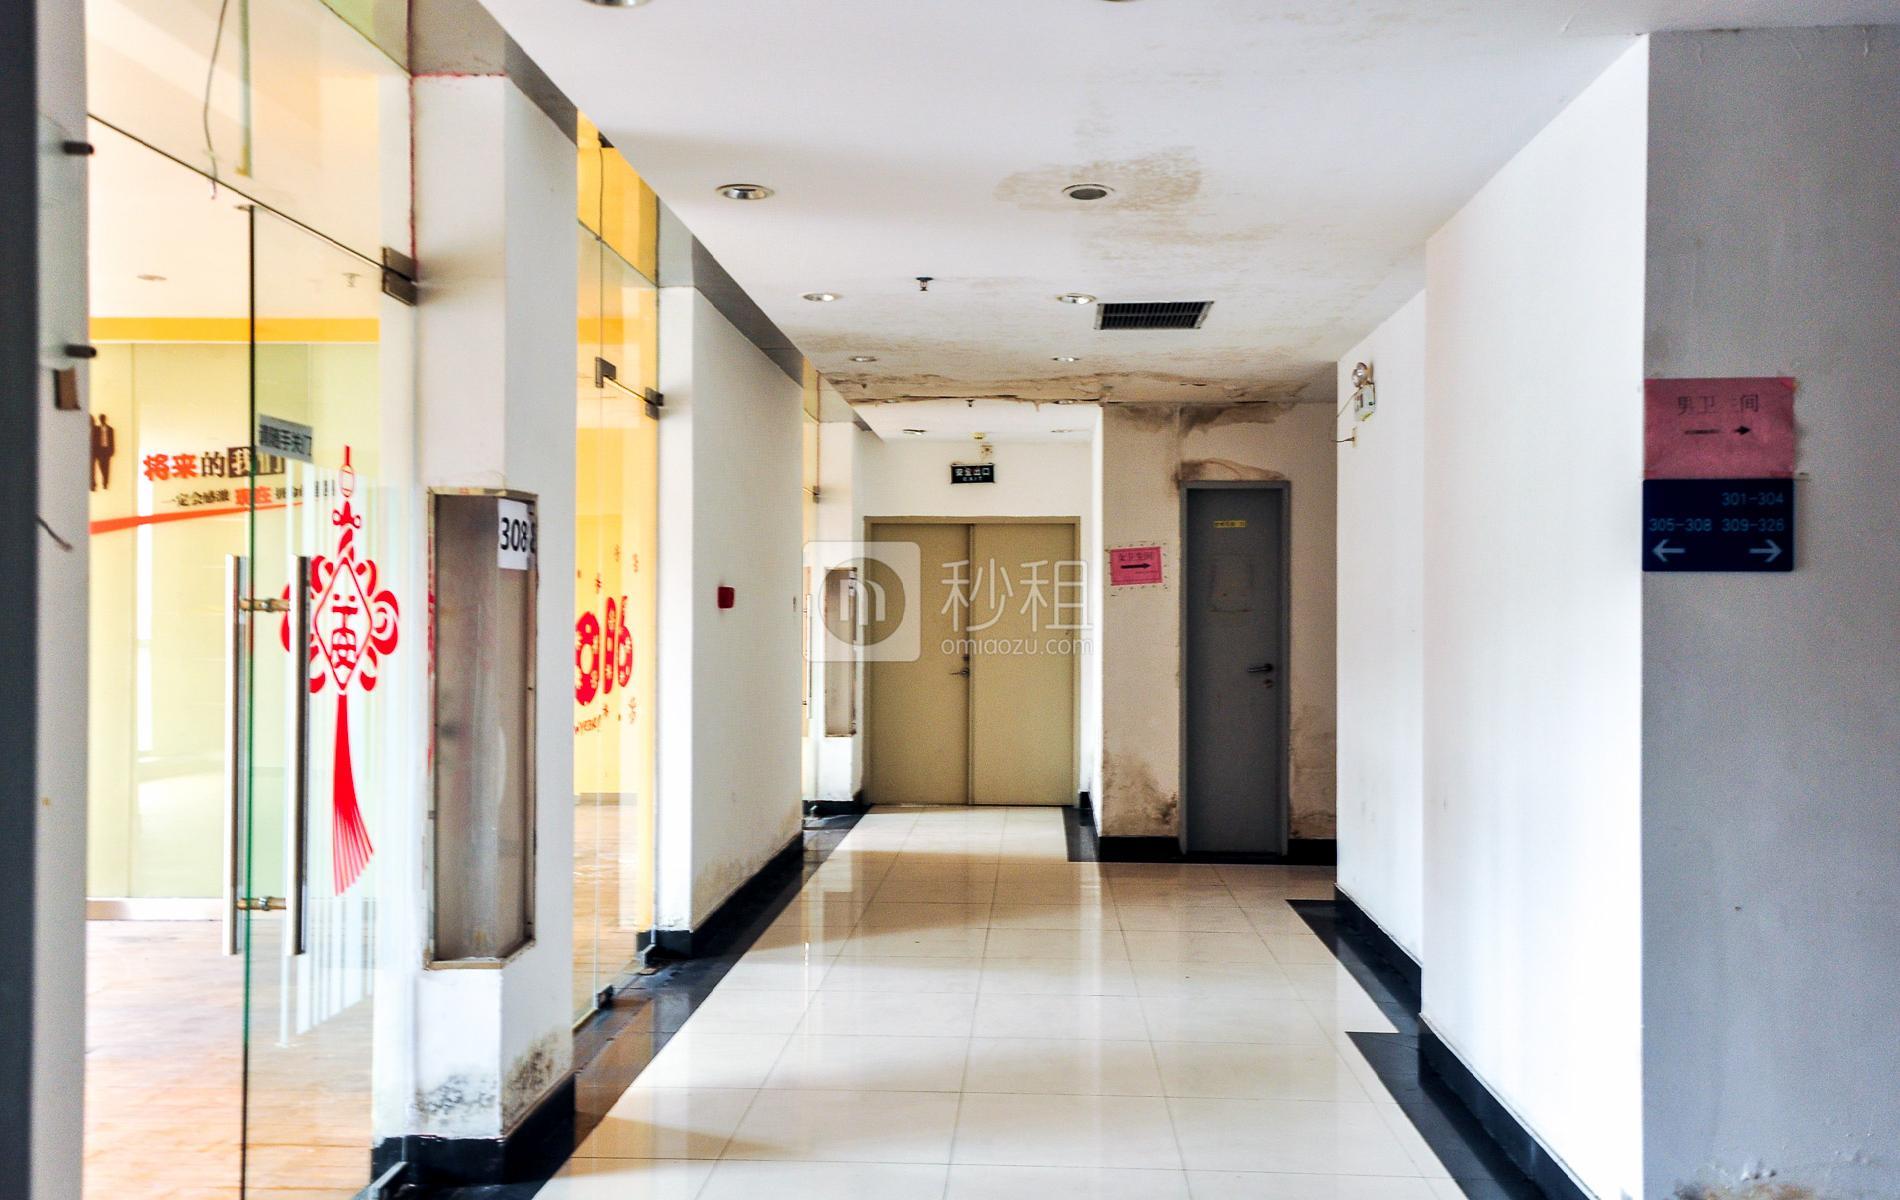 马赛国际商务中心写字楼出租/招租/租赁,马赛国际商务中心办公室出租/招租/租赁